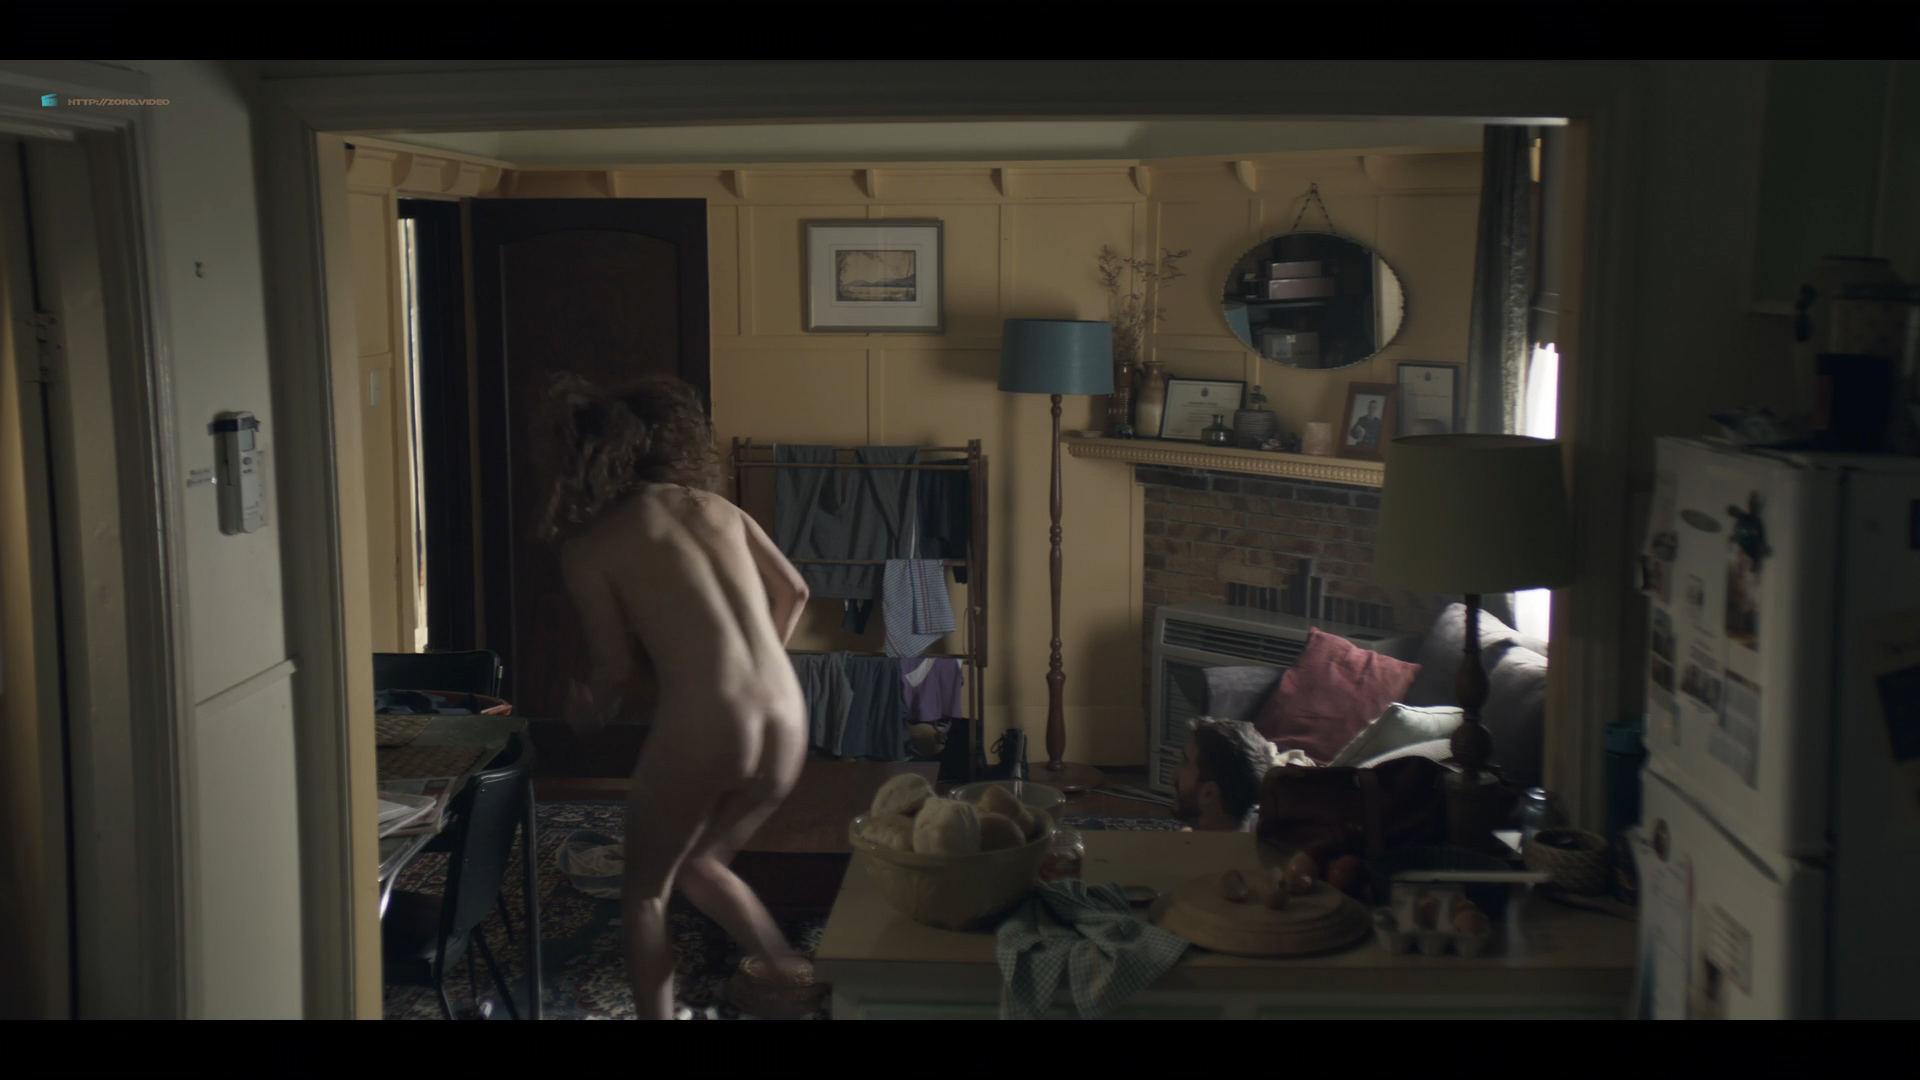 Nikki die nackt simpsons The Loud